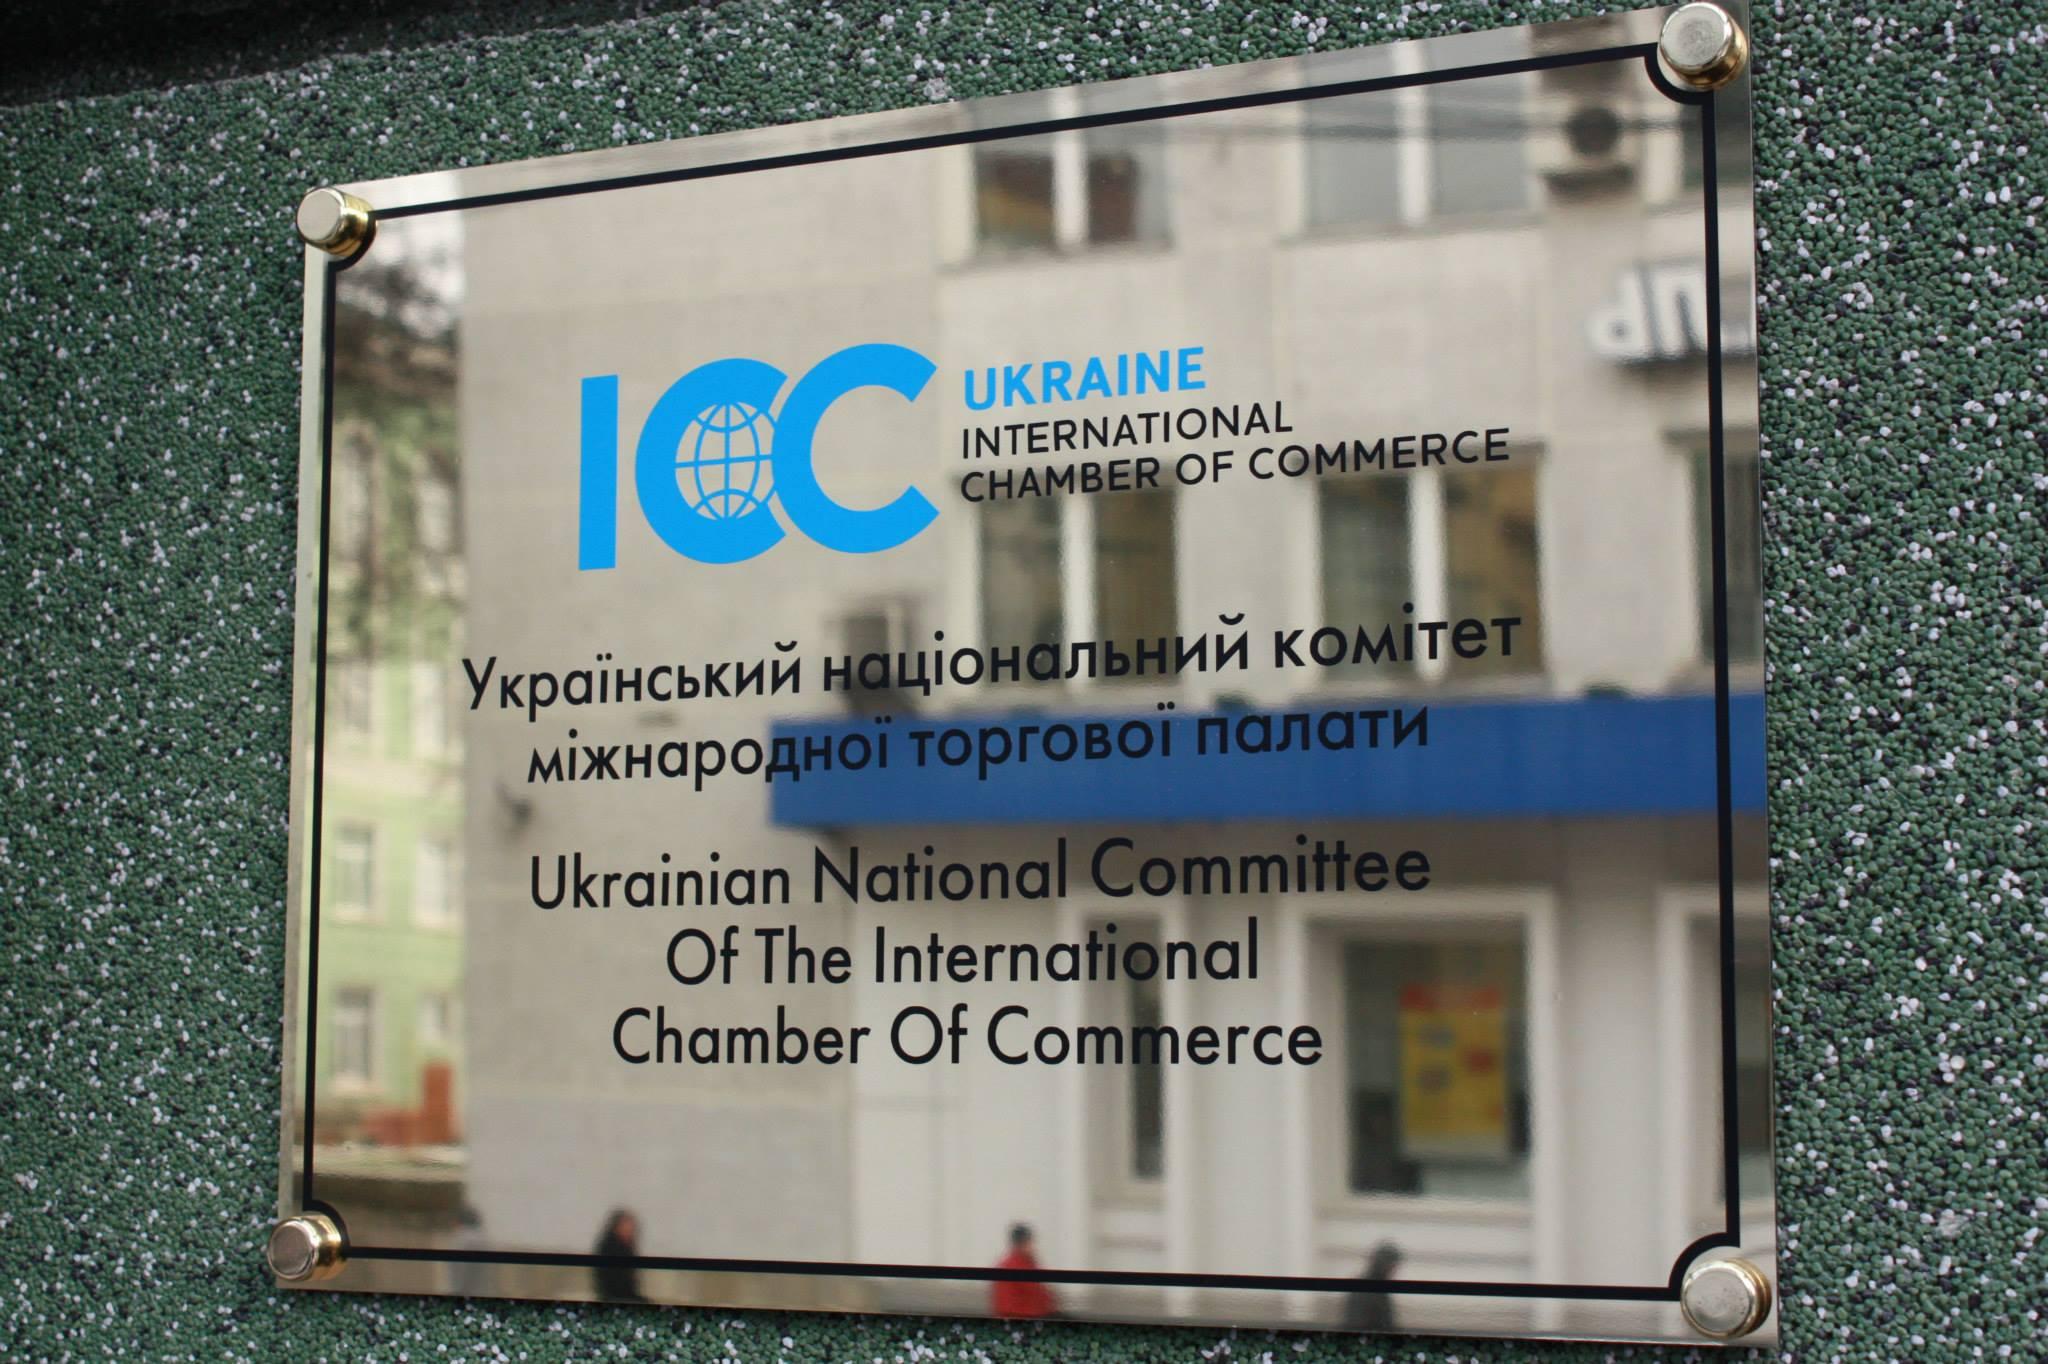 В Тернополі відкрився офіс Представництва ICC Ukraine (ФОТО)